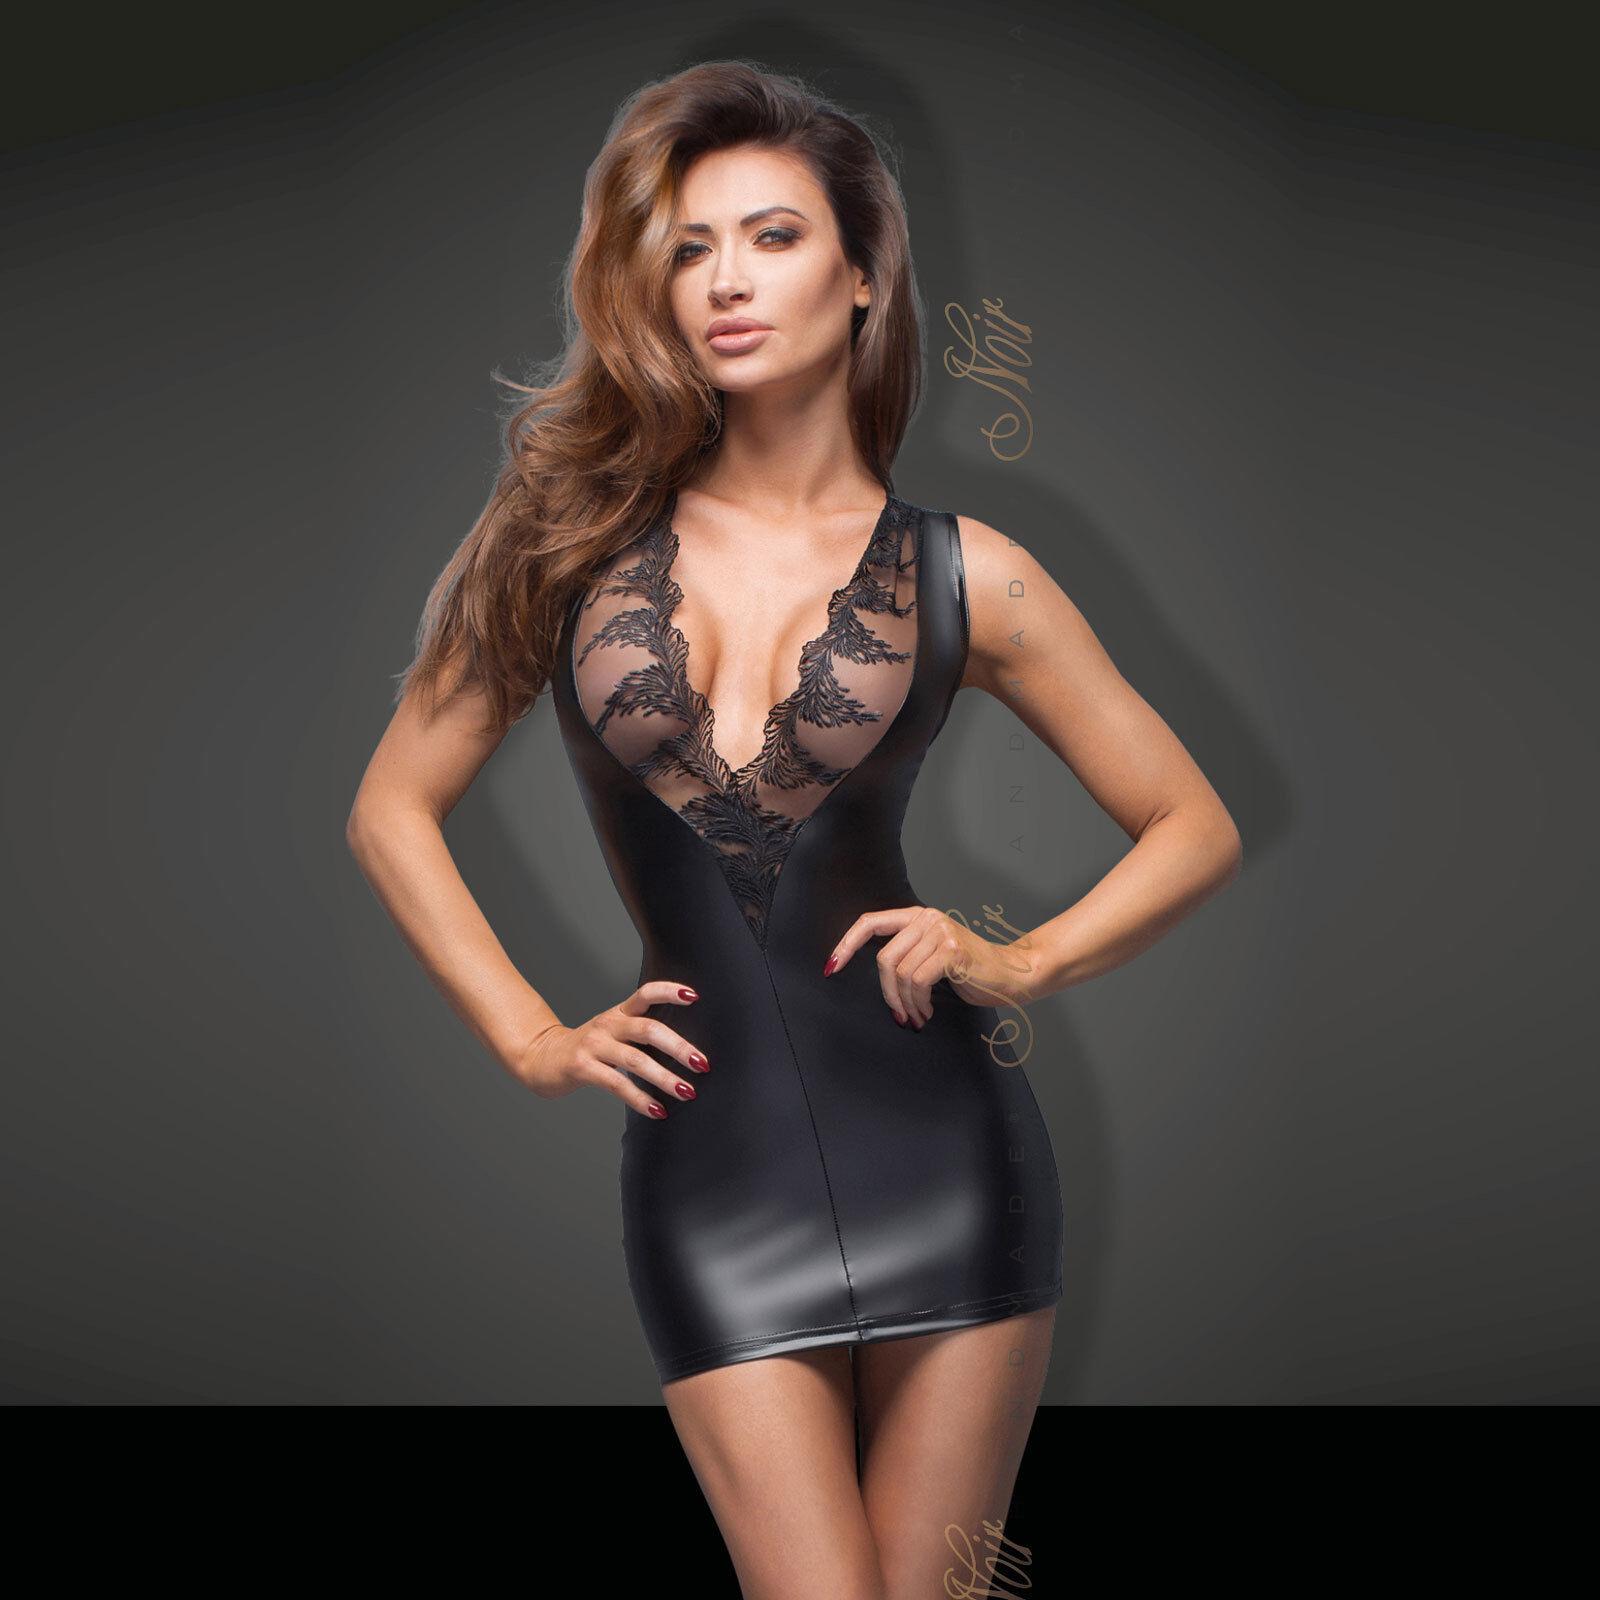 schwarz HANDMADE Wetlook Mini Kleid Power Dress Mit Spitze Tolles Dekolletee HOT